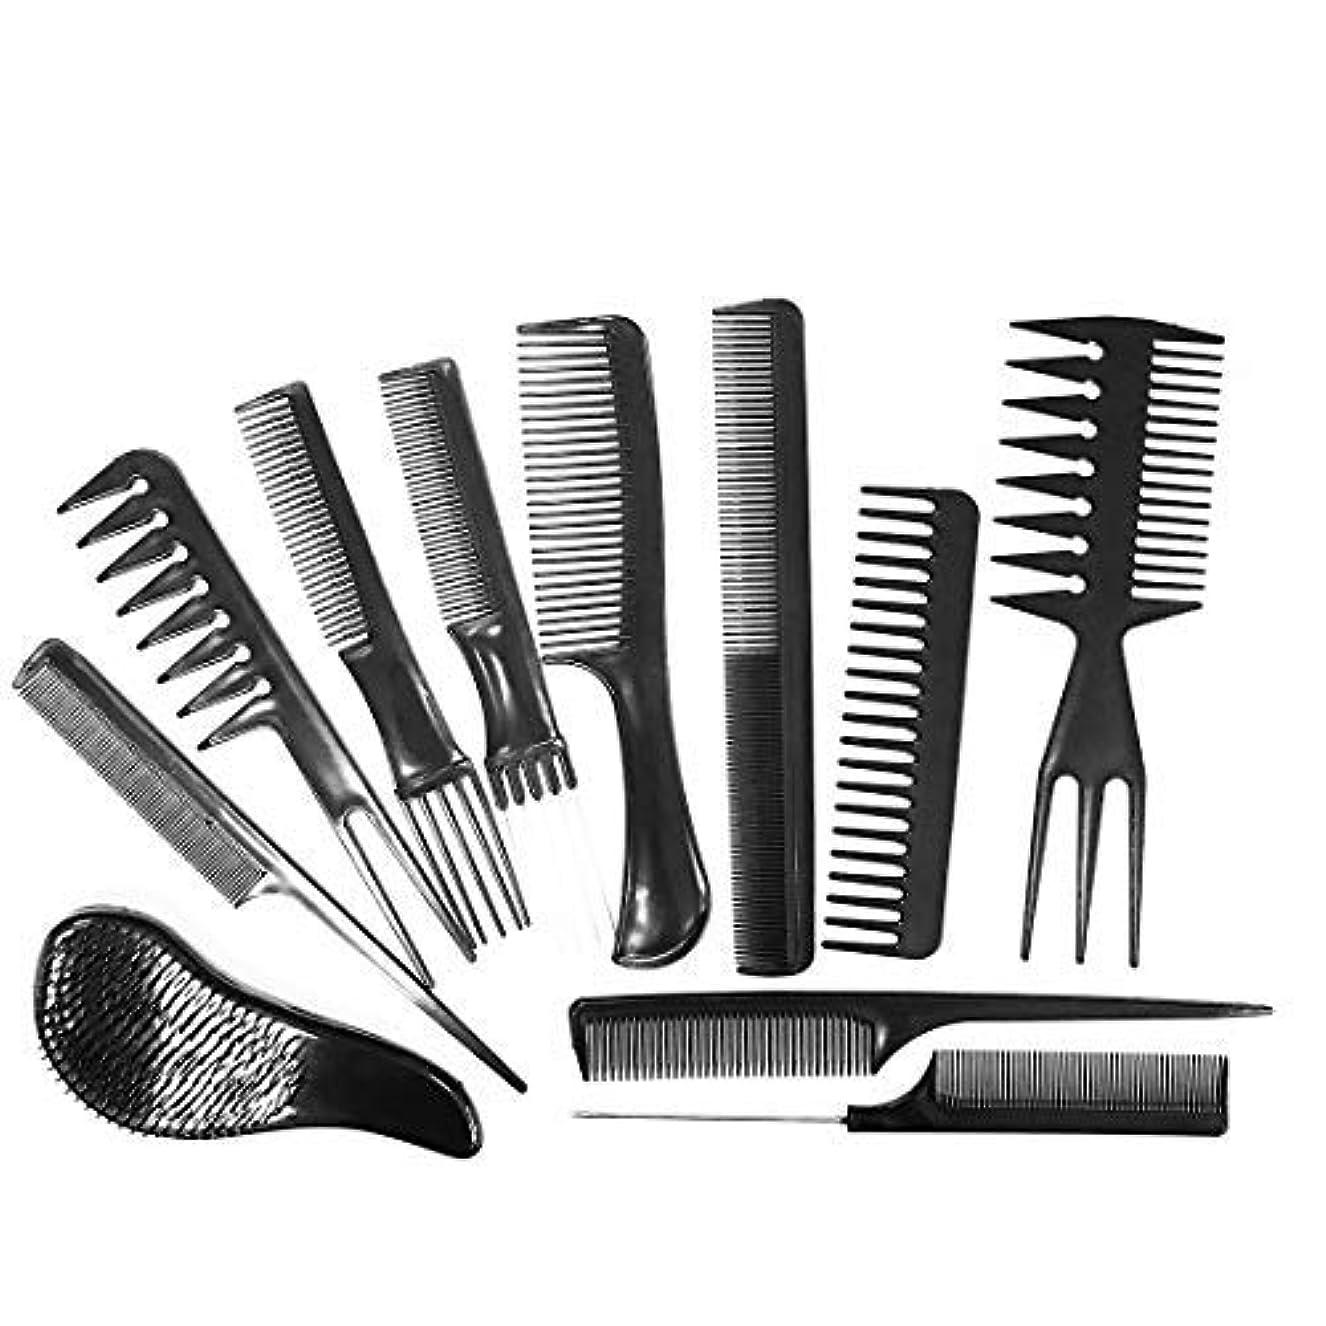 演劇パイプ天使Daimay Professional Hair Styling Comb Set Hair Styling Clips Salon Hair Styling Barbers Comb Set Variety Pack...